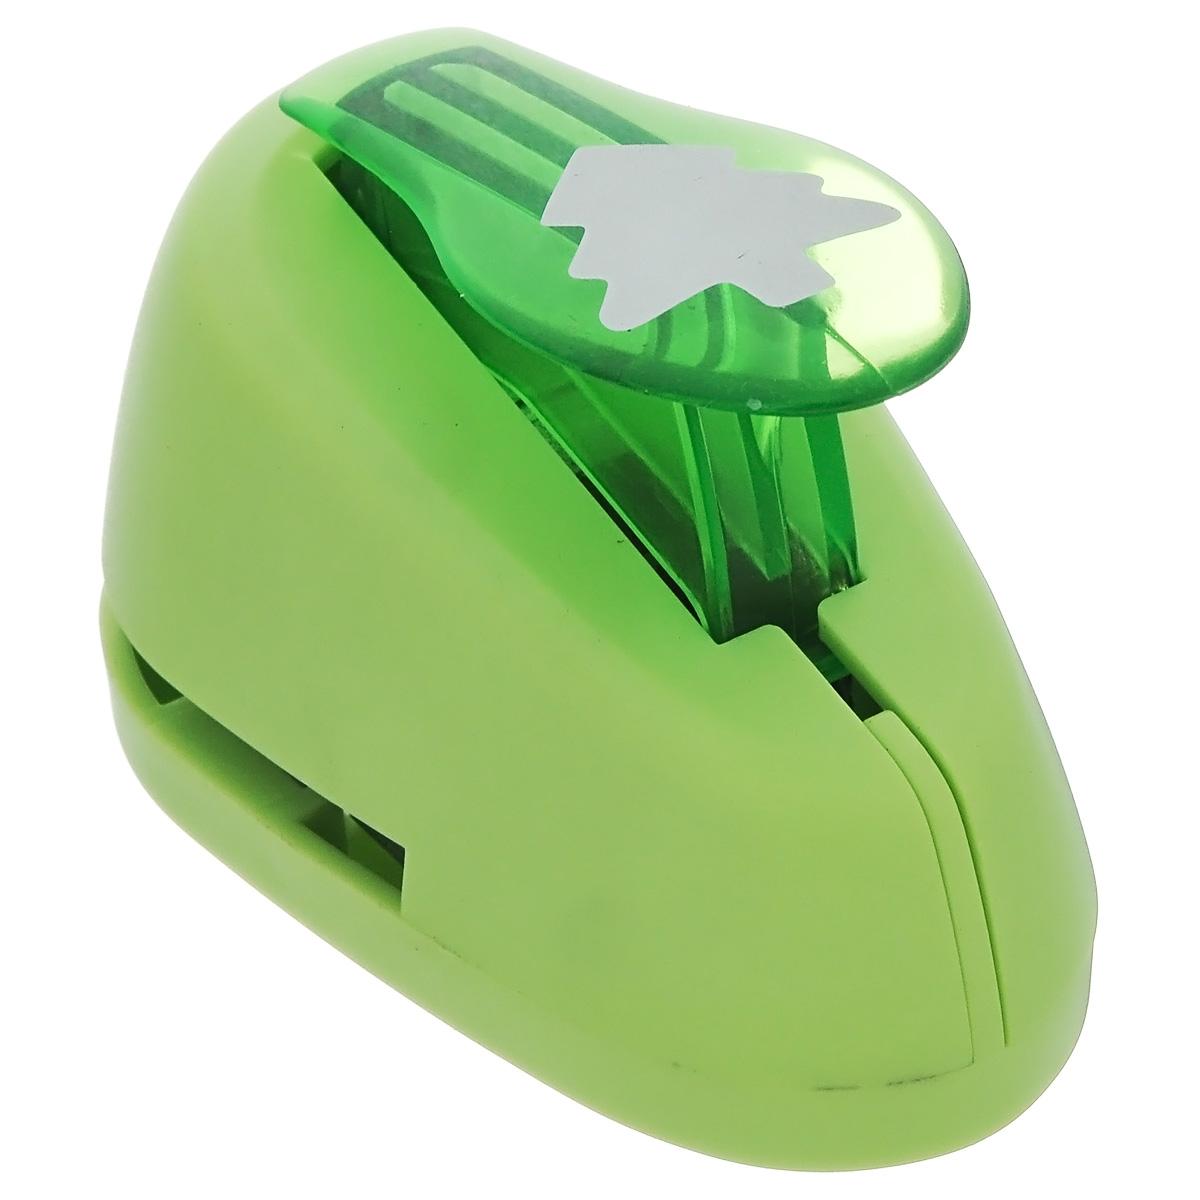 Дырокол фигурный Астра Елочка. 7709605_267709605_26 - елочкаДырокол Астра Елочка, изготовленный из прочного металла и пластика, поможет вам легко, просто и аккуратно вырезать много одинаковых мелких фигурок. Режущие части компостера закрыты пластиковым корпусом, что обеспечивает безопасность для детей. Вырезанные фигурки в виде елочек накапливаются в специальном резервуаре. Можно использовать вырезанные мотивы как конфетти или для наклеивания. Дырокол подходит для разных техник: декупажа, скрапбукинга, декорирования. Размер дырокола: 8 см х 5 см х 5 см. Размер готовой фигурки: 2 см х 2 см.